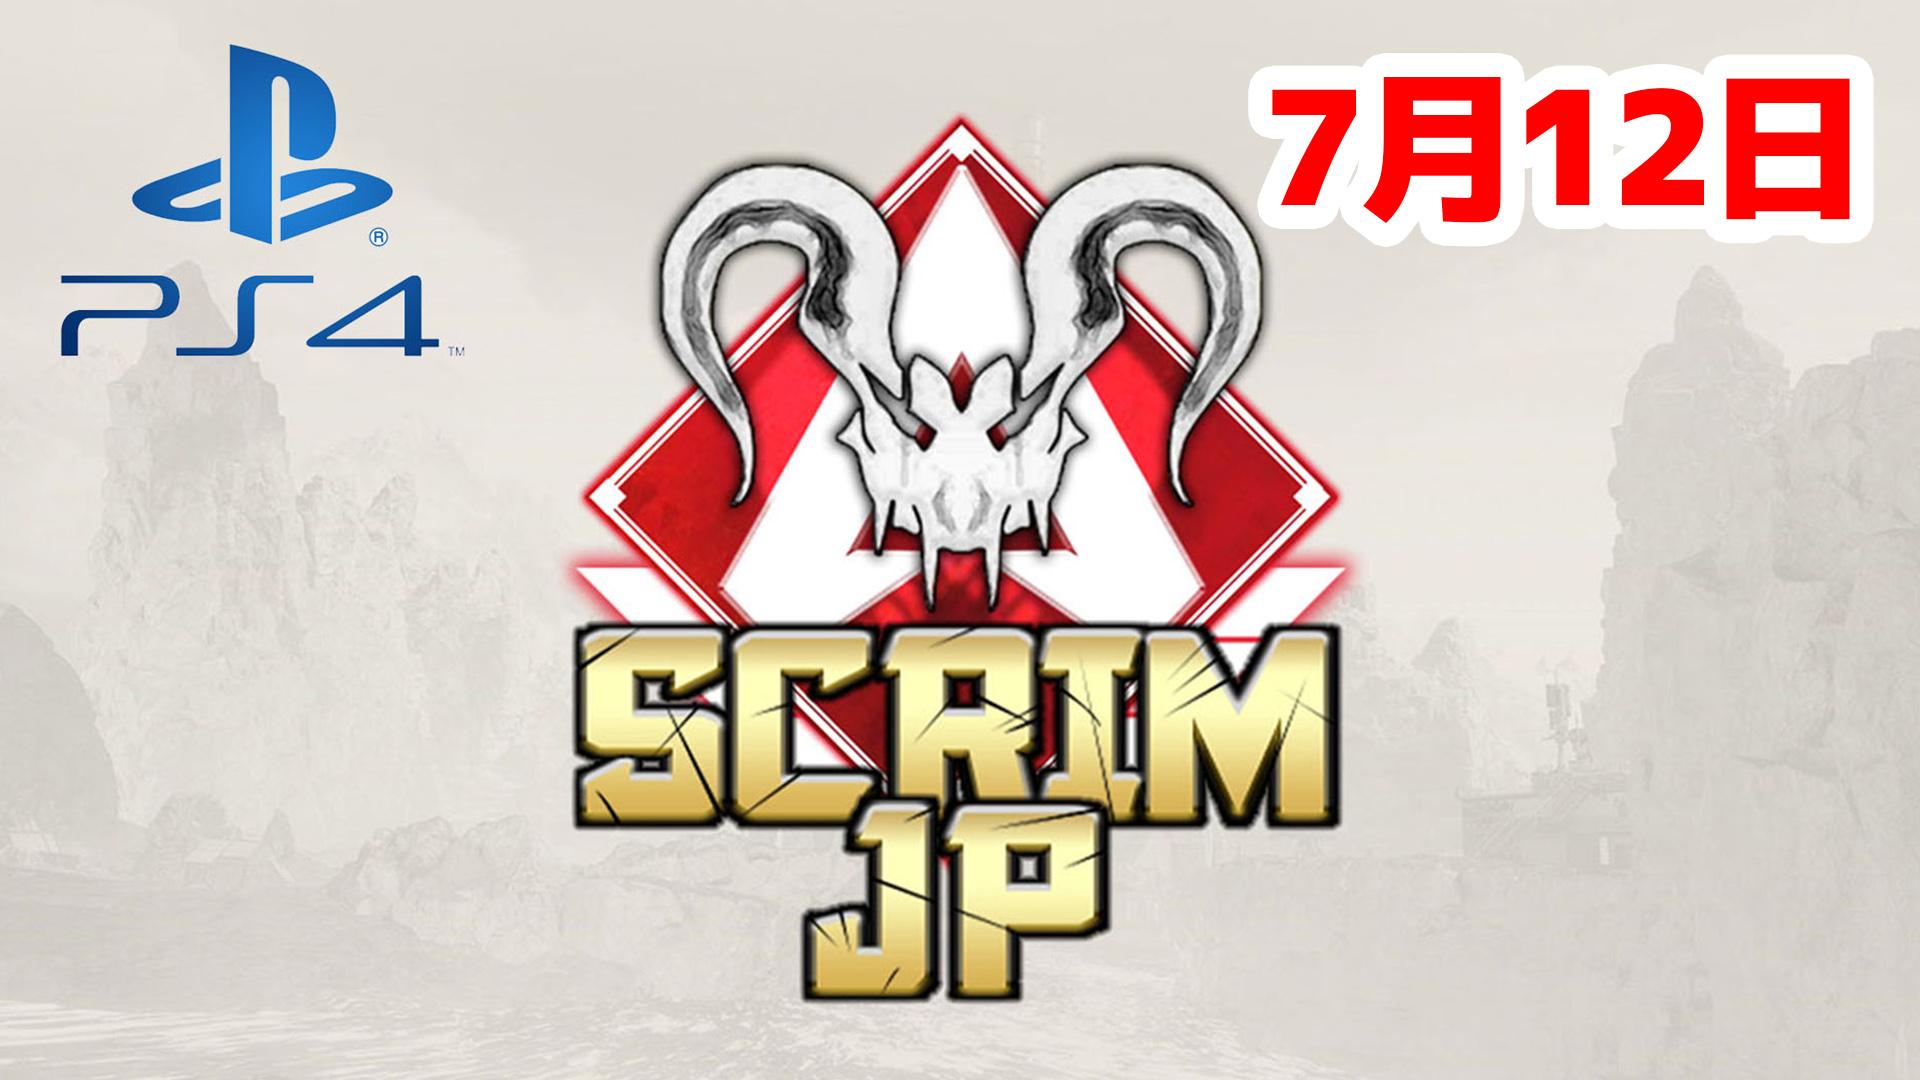 【大会アーカイブ】Apex Legends Scrim JP -Predators PS4-【2020/07/12】